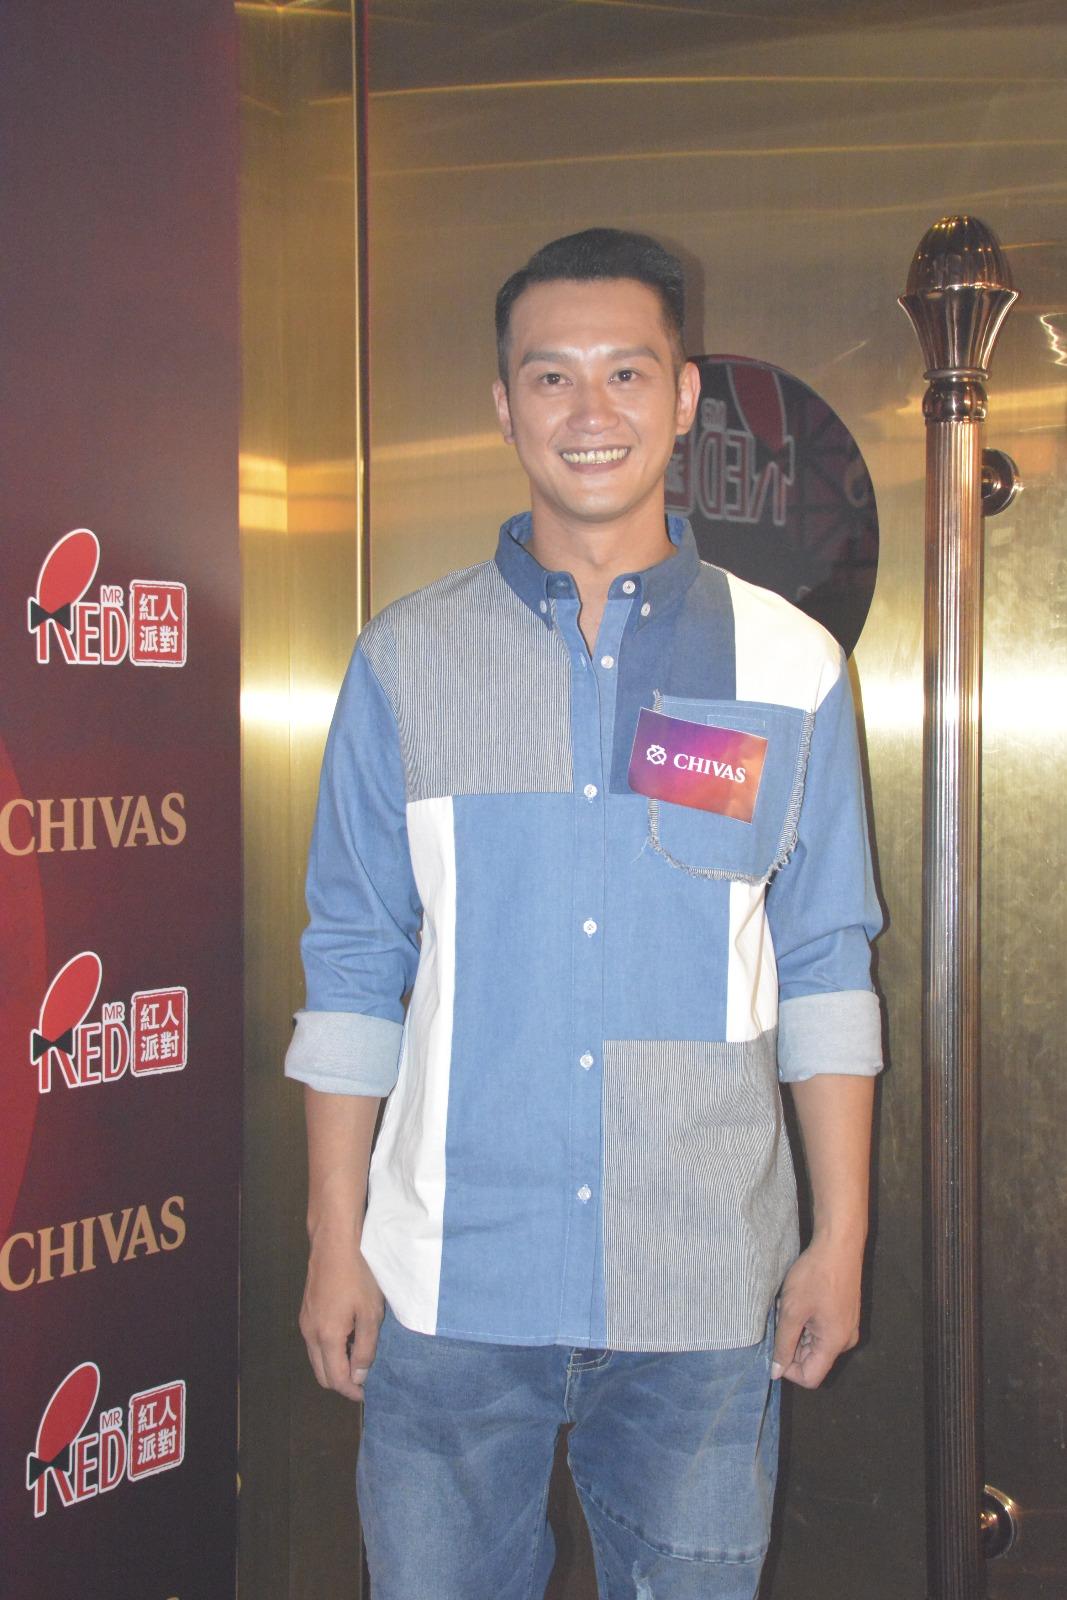 吳浩康昨晚以表演嘉賓身分,出席「芝華士明星藍球慈善賽賽後派對」。